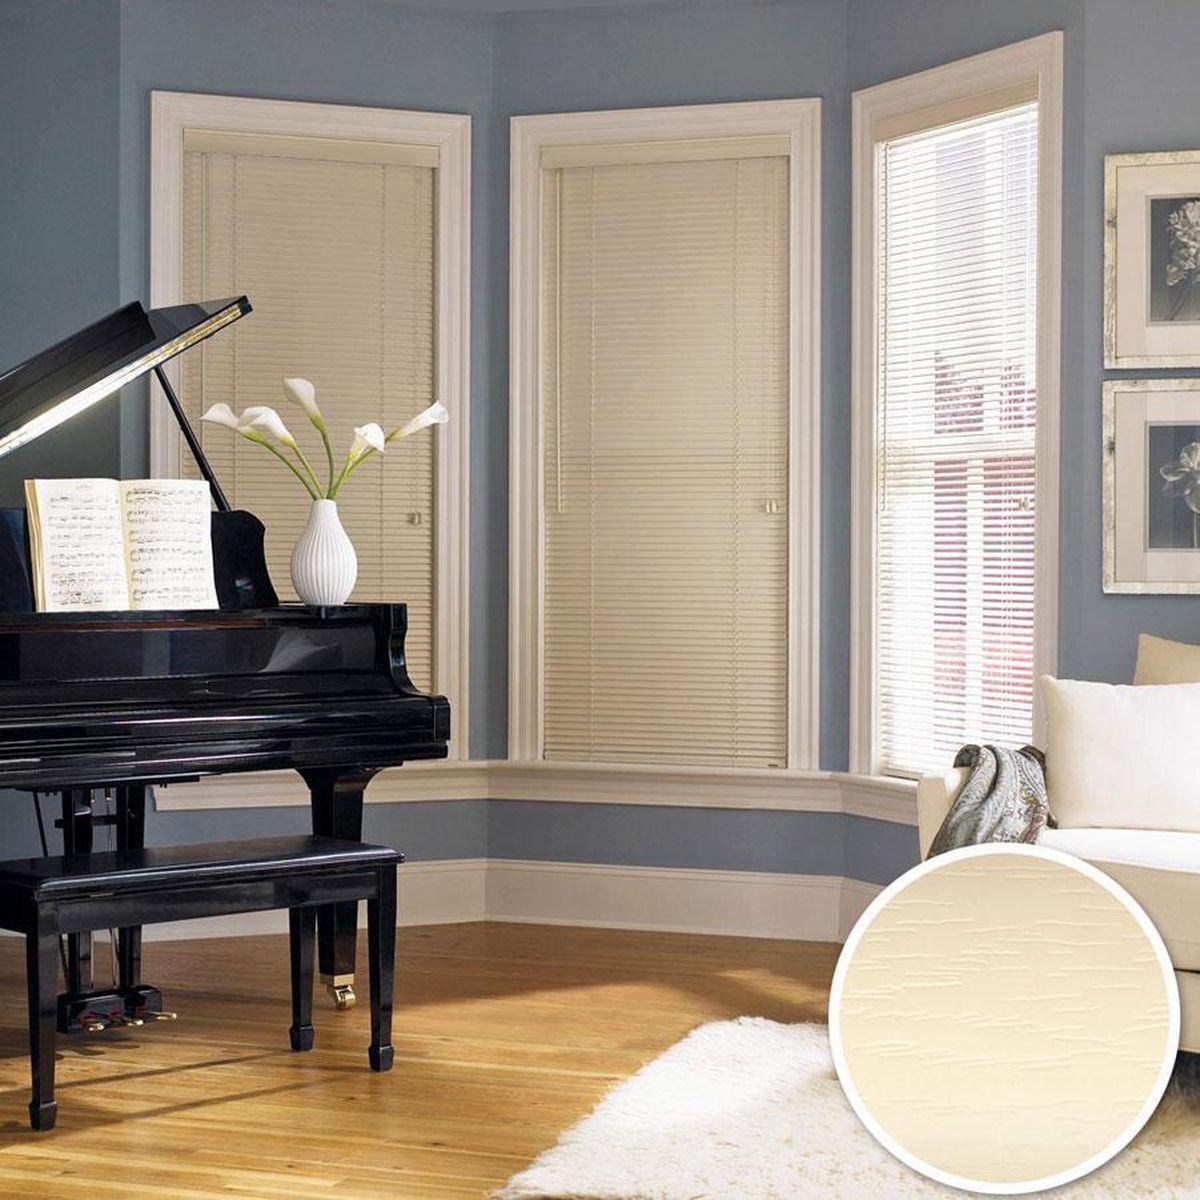 Жалюзи пластиковые 38 мм Эскар, горизонтальные, цвет: бежевый, ширина 120 см, высота 160 см6014060160Для того чтобы придать интерьеру изюминку и завершенность, нет ничего лучше, чем использовать жалюзи на окнах квартиры, дома или офиса. С их помощью можно подчеркнуть индивидуальный вкус, а также стилевое оформление помещения. Помимо декоративных функций, жалюзи выполняют и практические задачи: они защищают от излишнего солнечного света, не дают помещению нагреваться, а также создают уют в темное время суток.Пластиковые жалюзи - самое универсальное и недорогое решение для любого помещения. Купить их может каждый, а широкий выбор размеров под самые популярные габариты сделает покупку простой и удобной. Пластиковые жалюзи имеют высокие эксплуатационные характеристики - они гигиеничны, что делает их незаменимыми при монтаже в детских и медицинских учреждениях.